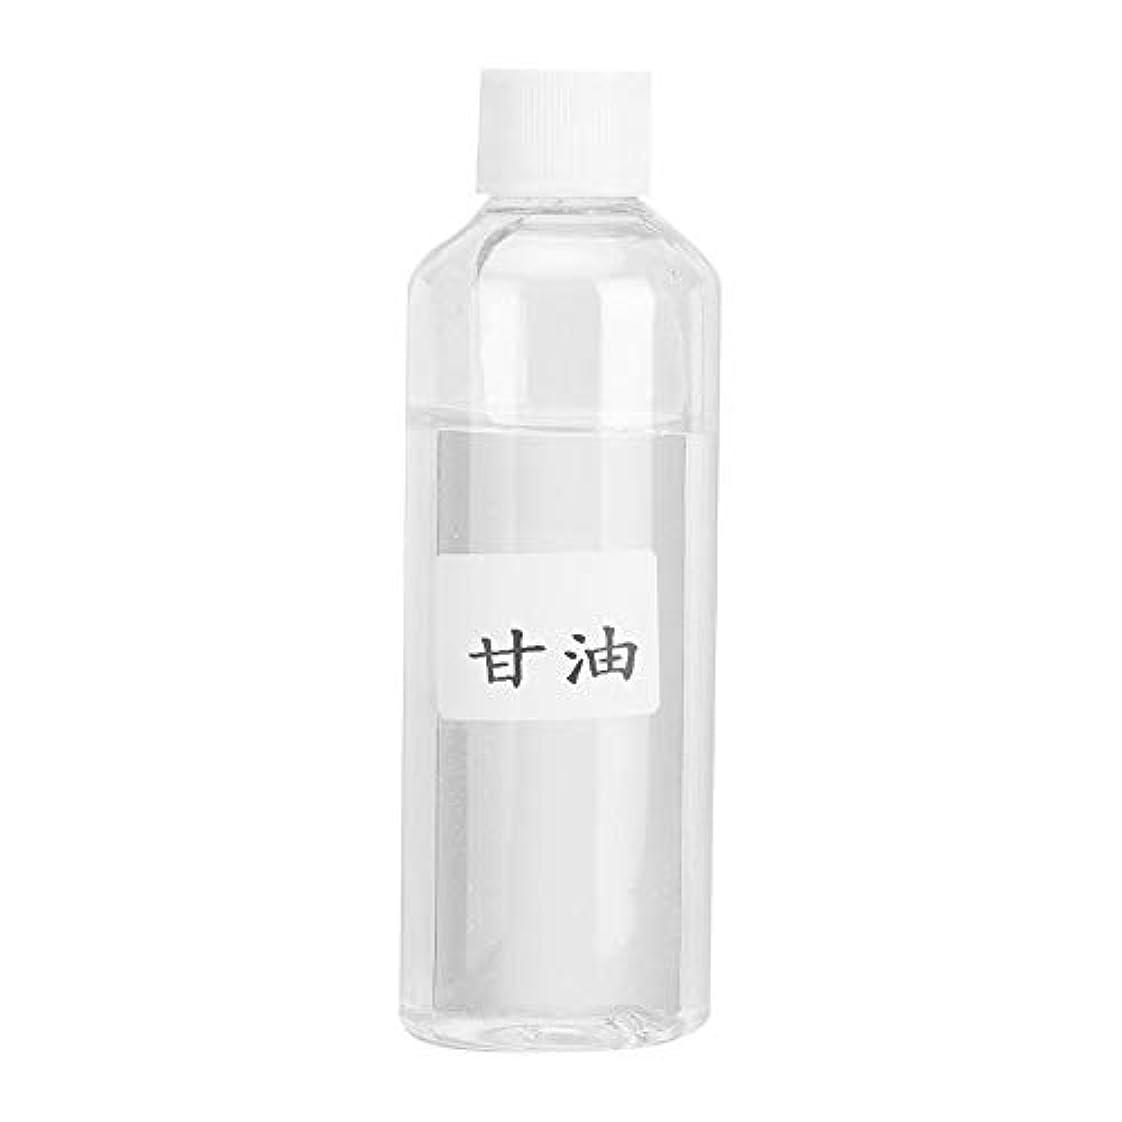 ストッキングコストドナー化粧品原料 化粧品DIY原料 グリセロール植物水分原料を作る